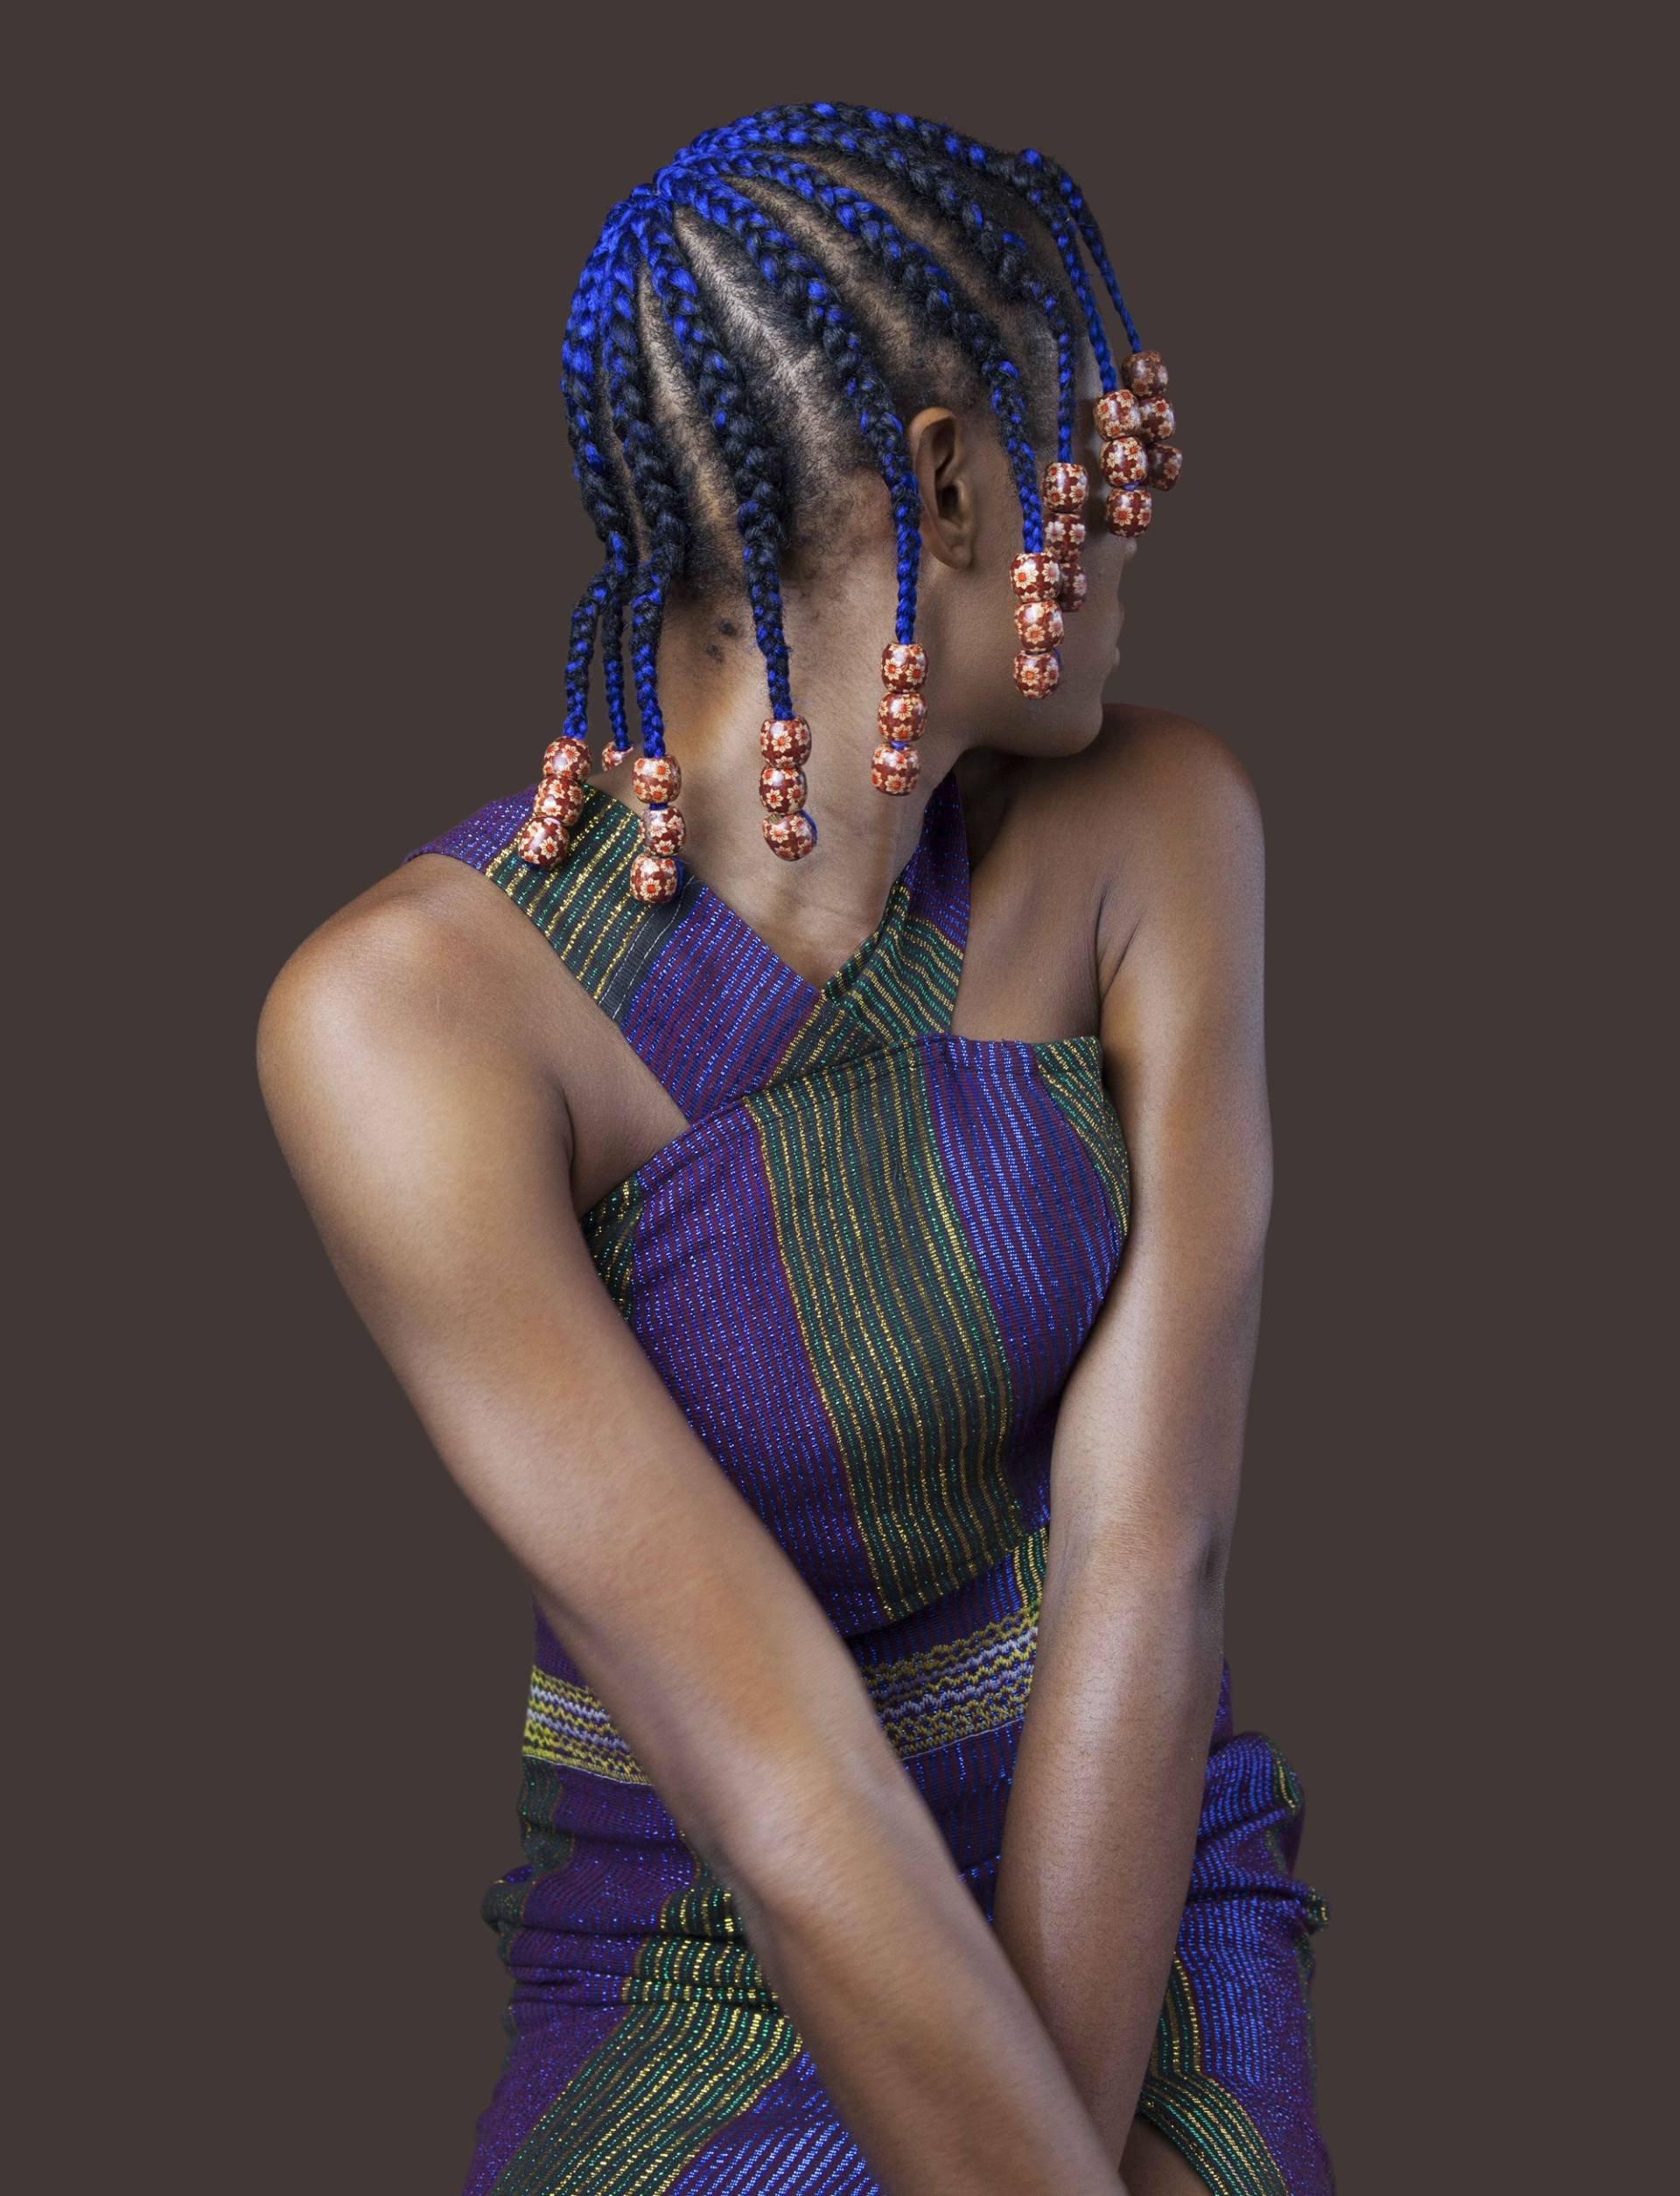 Многообразие и красочность африканских косичек в фотографиях Медины Да